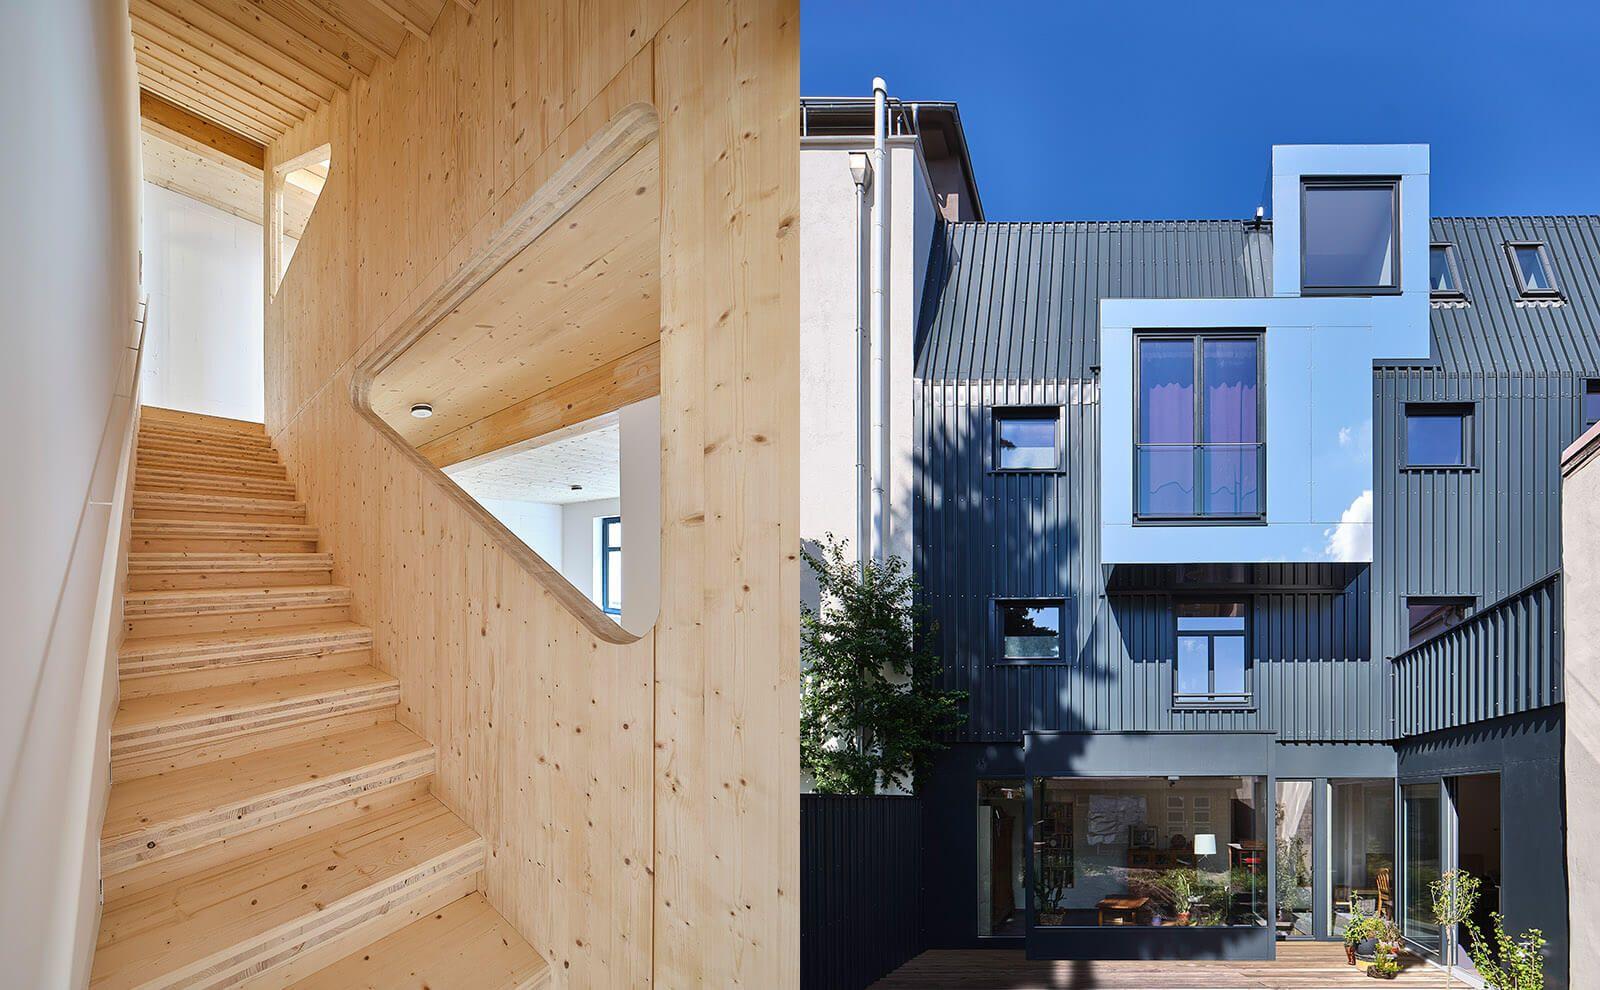 Wohnhaus Erfurt Innen- und Außenansicht